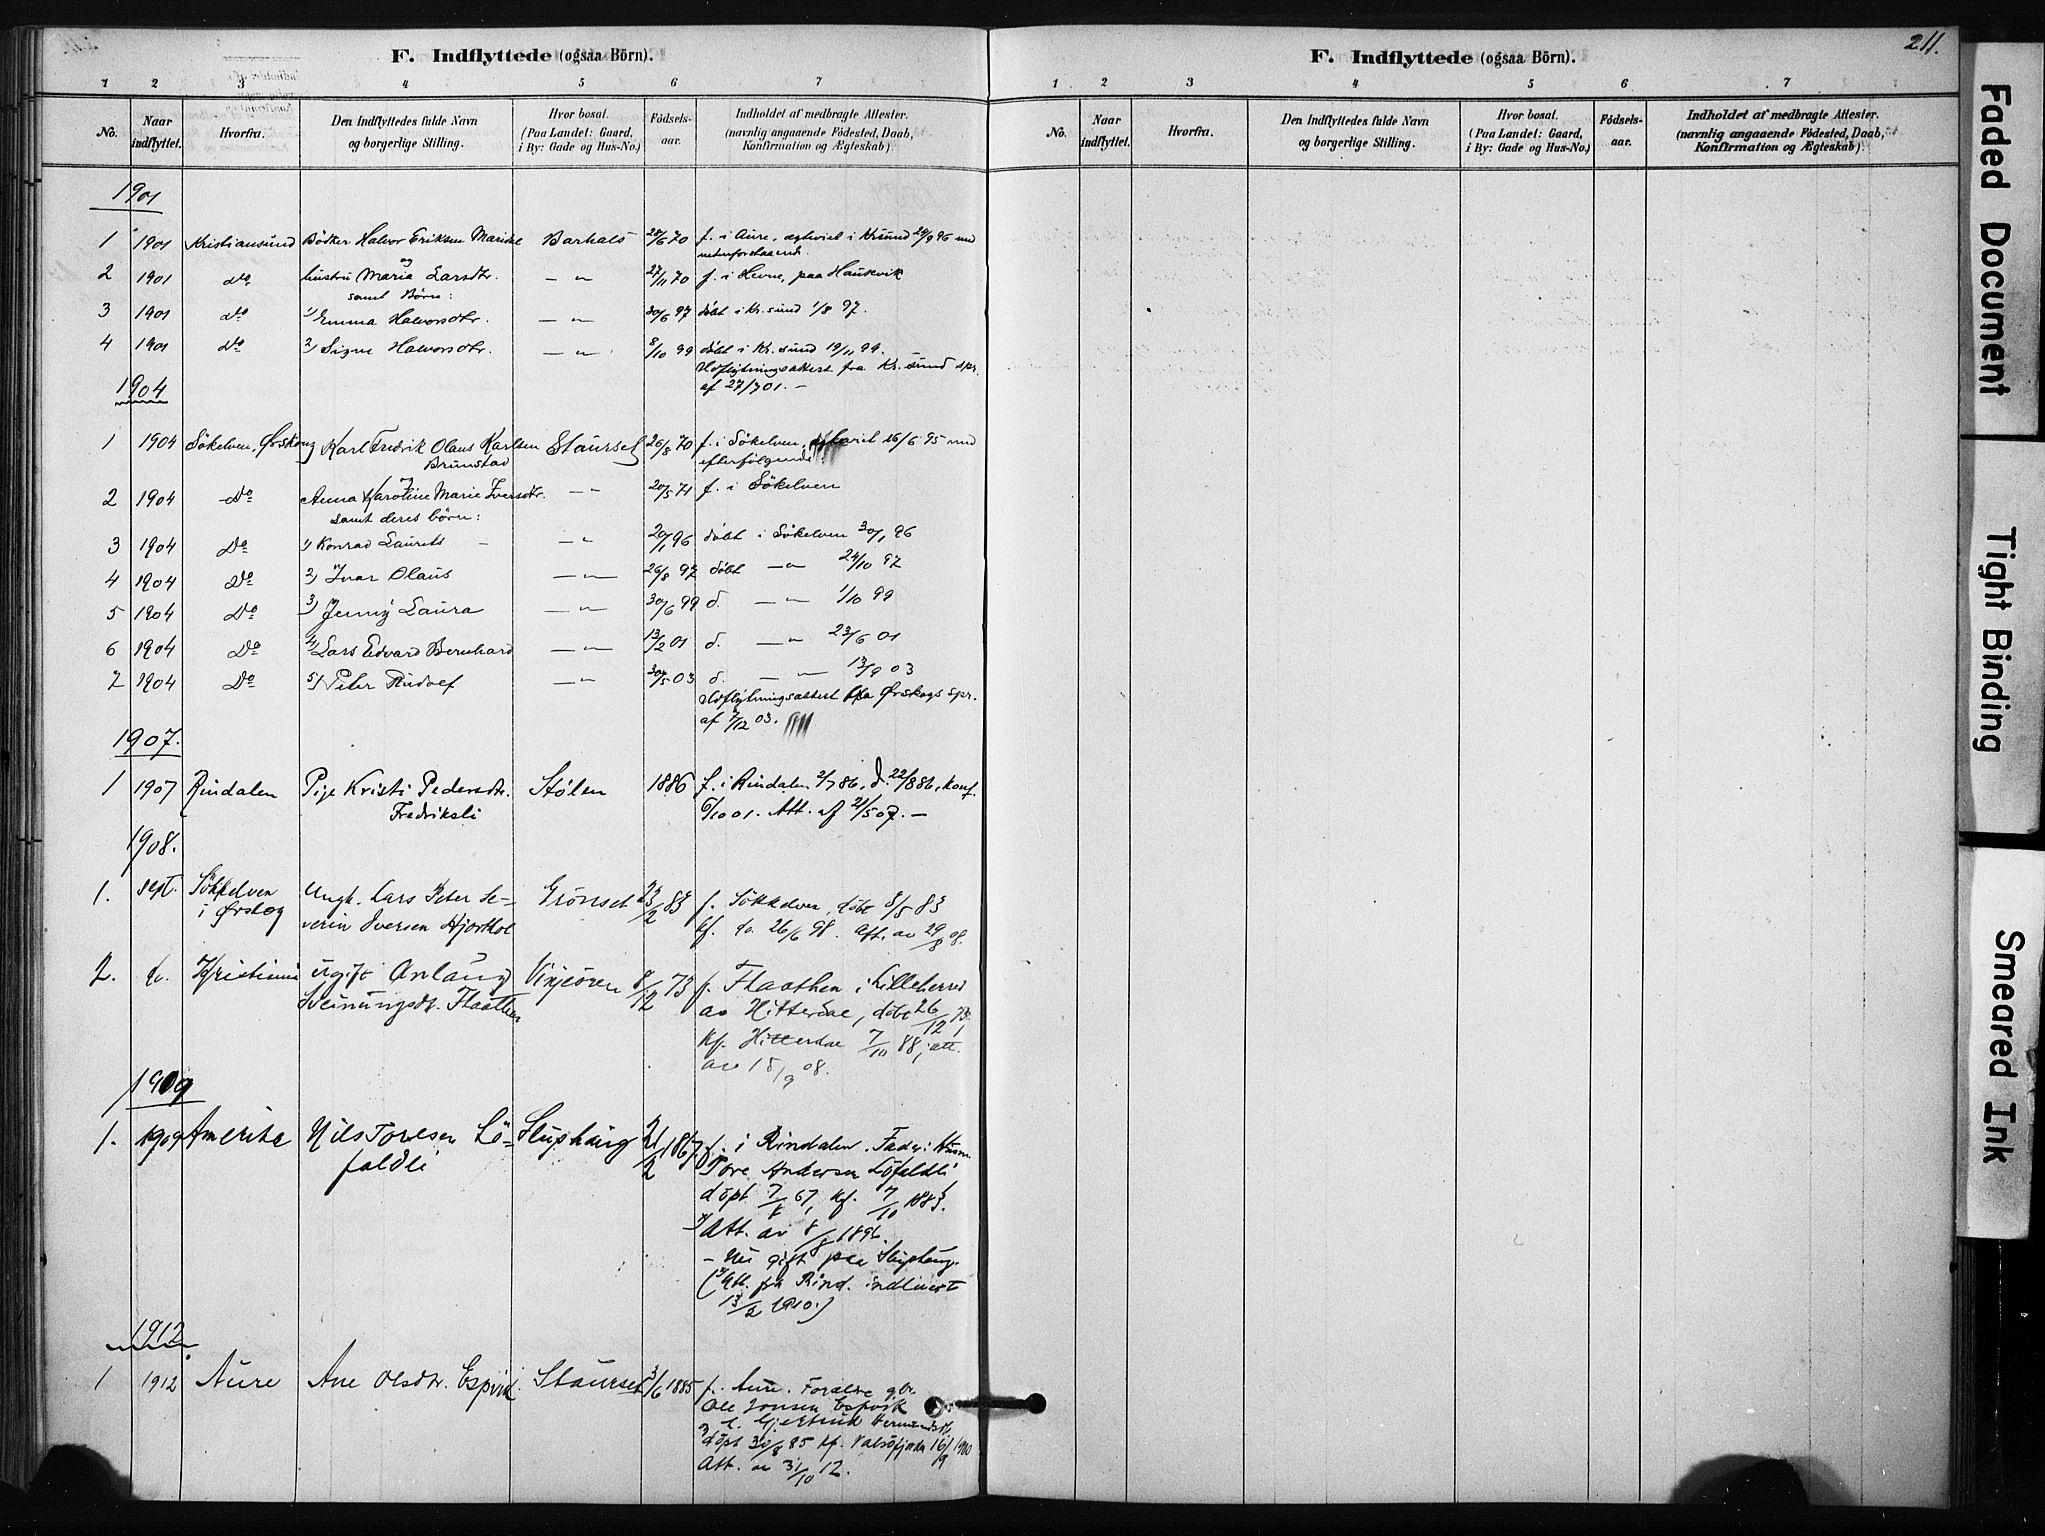 SAT, Ministerialprotokoller, klokkerbøker og fødselsregistre - Sør-Trøndelag, 631/L0512: Ministerialbok nr. 631A01, 1879-1912, s. 211